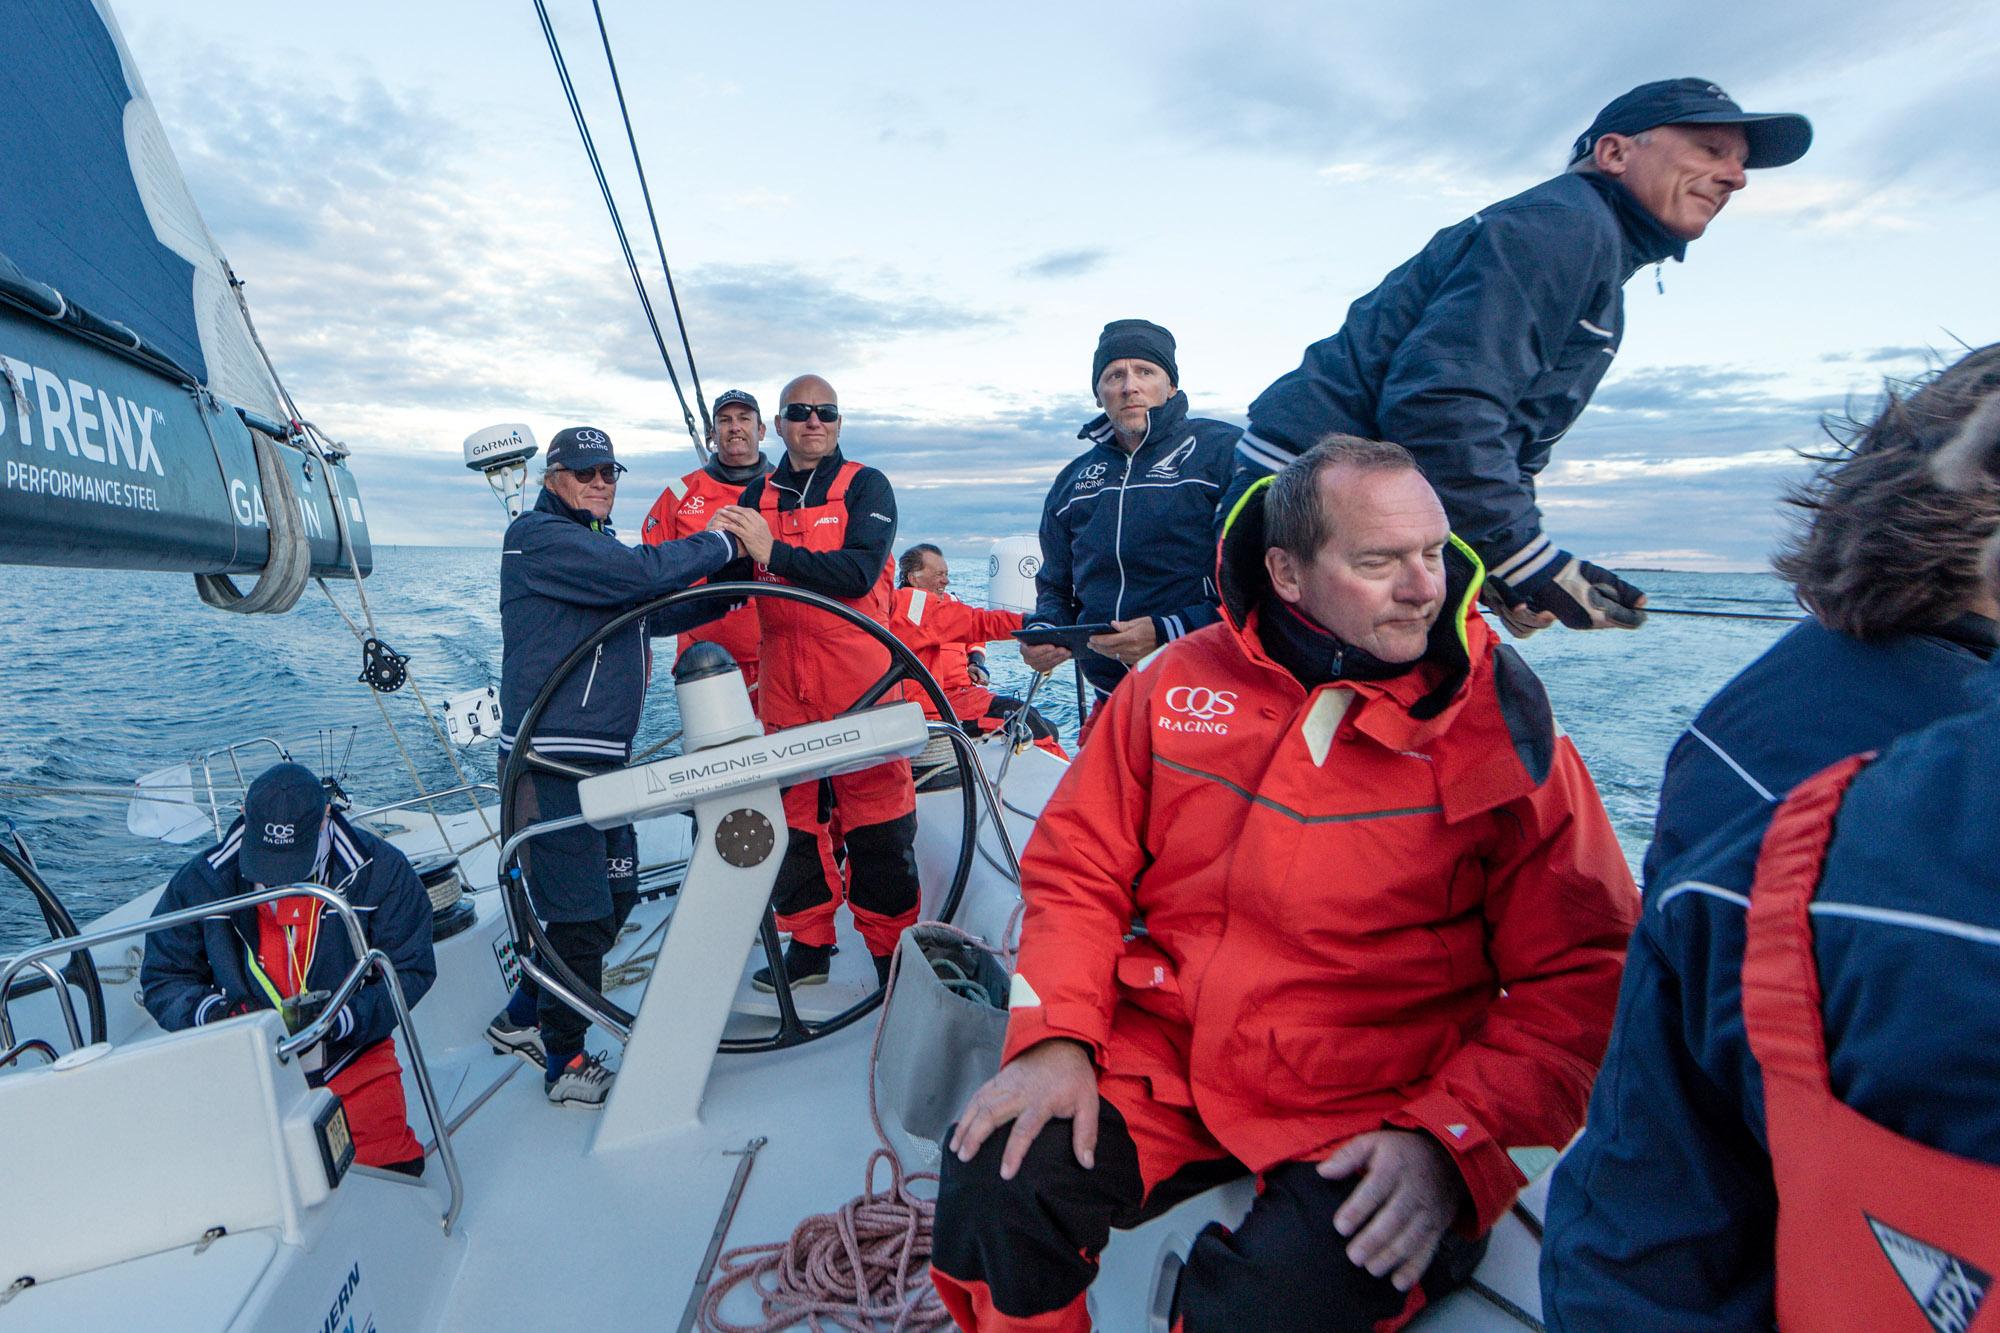 ÅF Offshore Race: Stockholm, Sweden